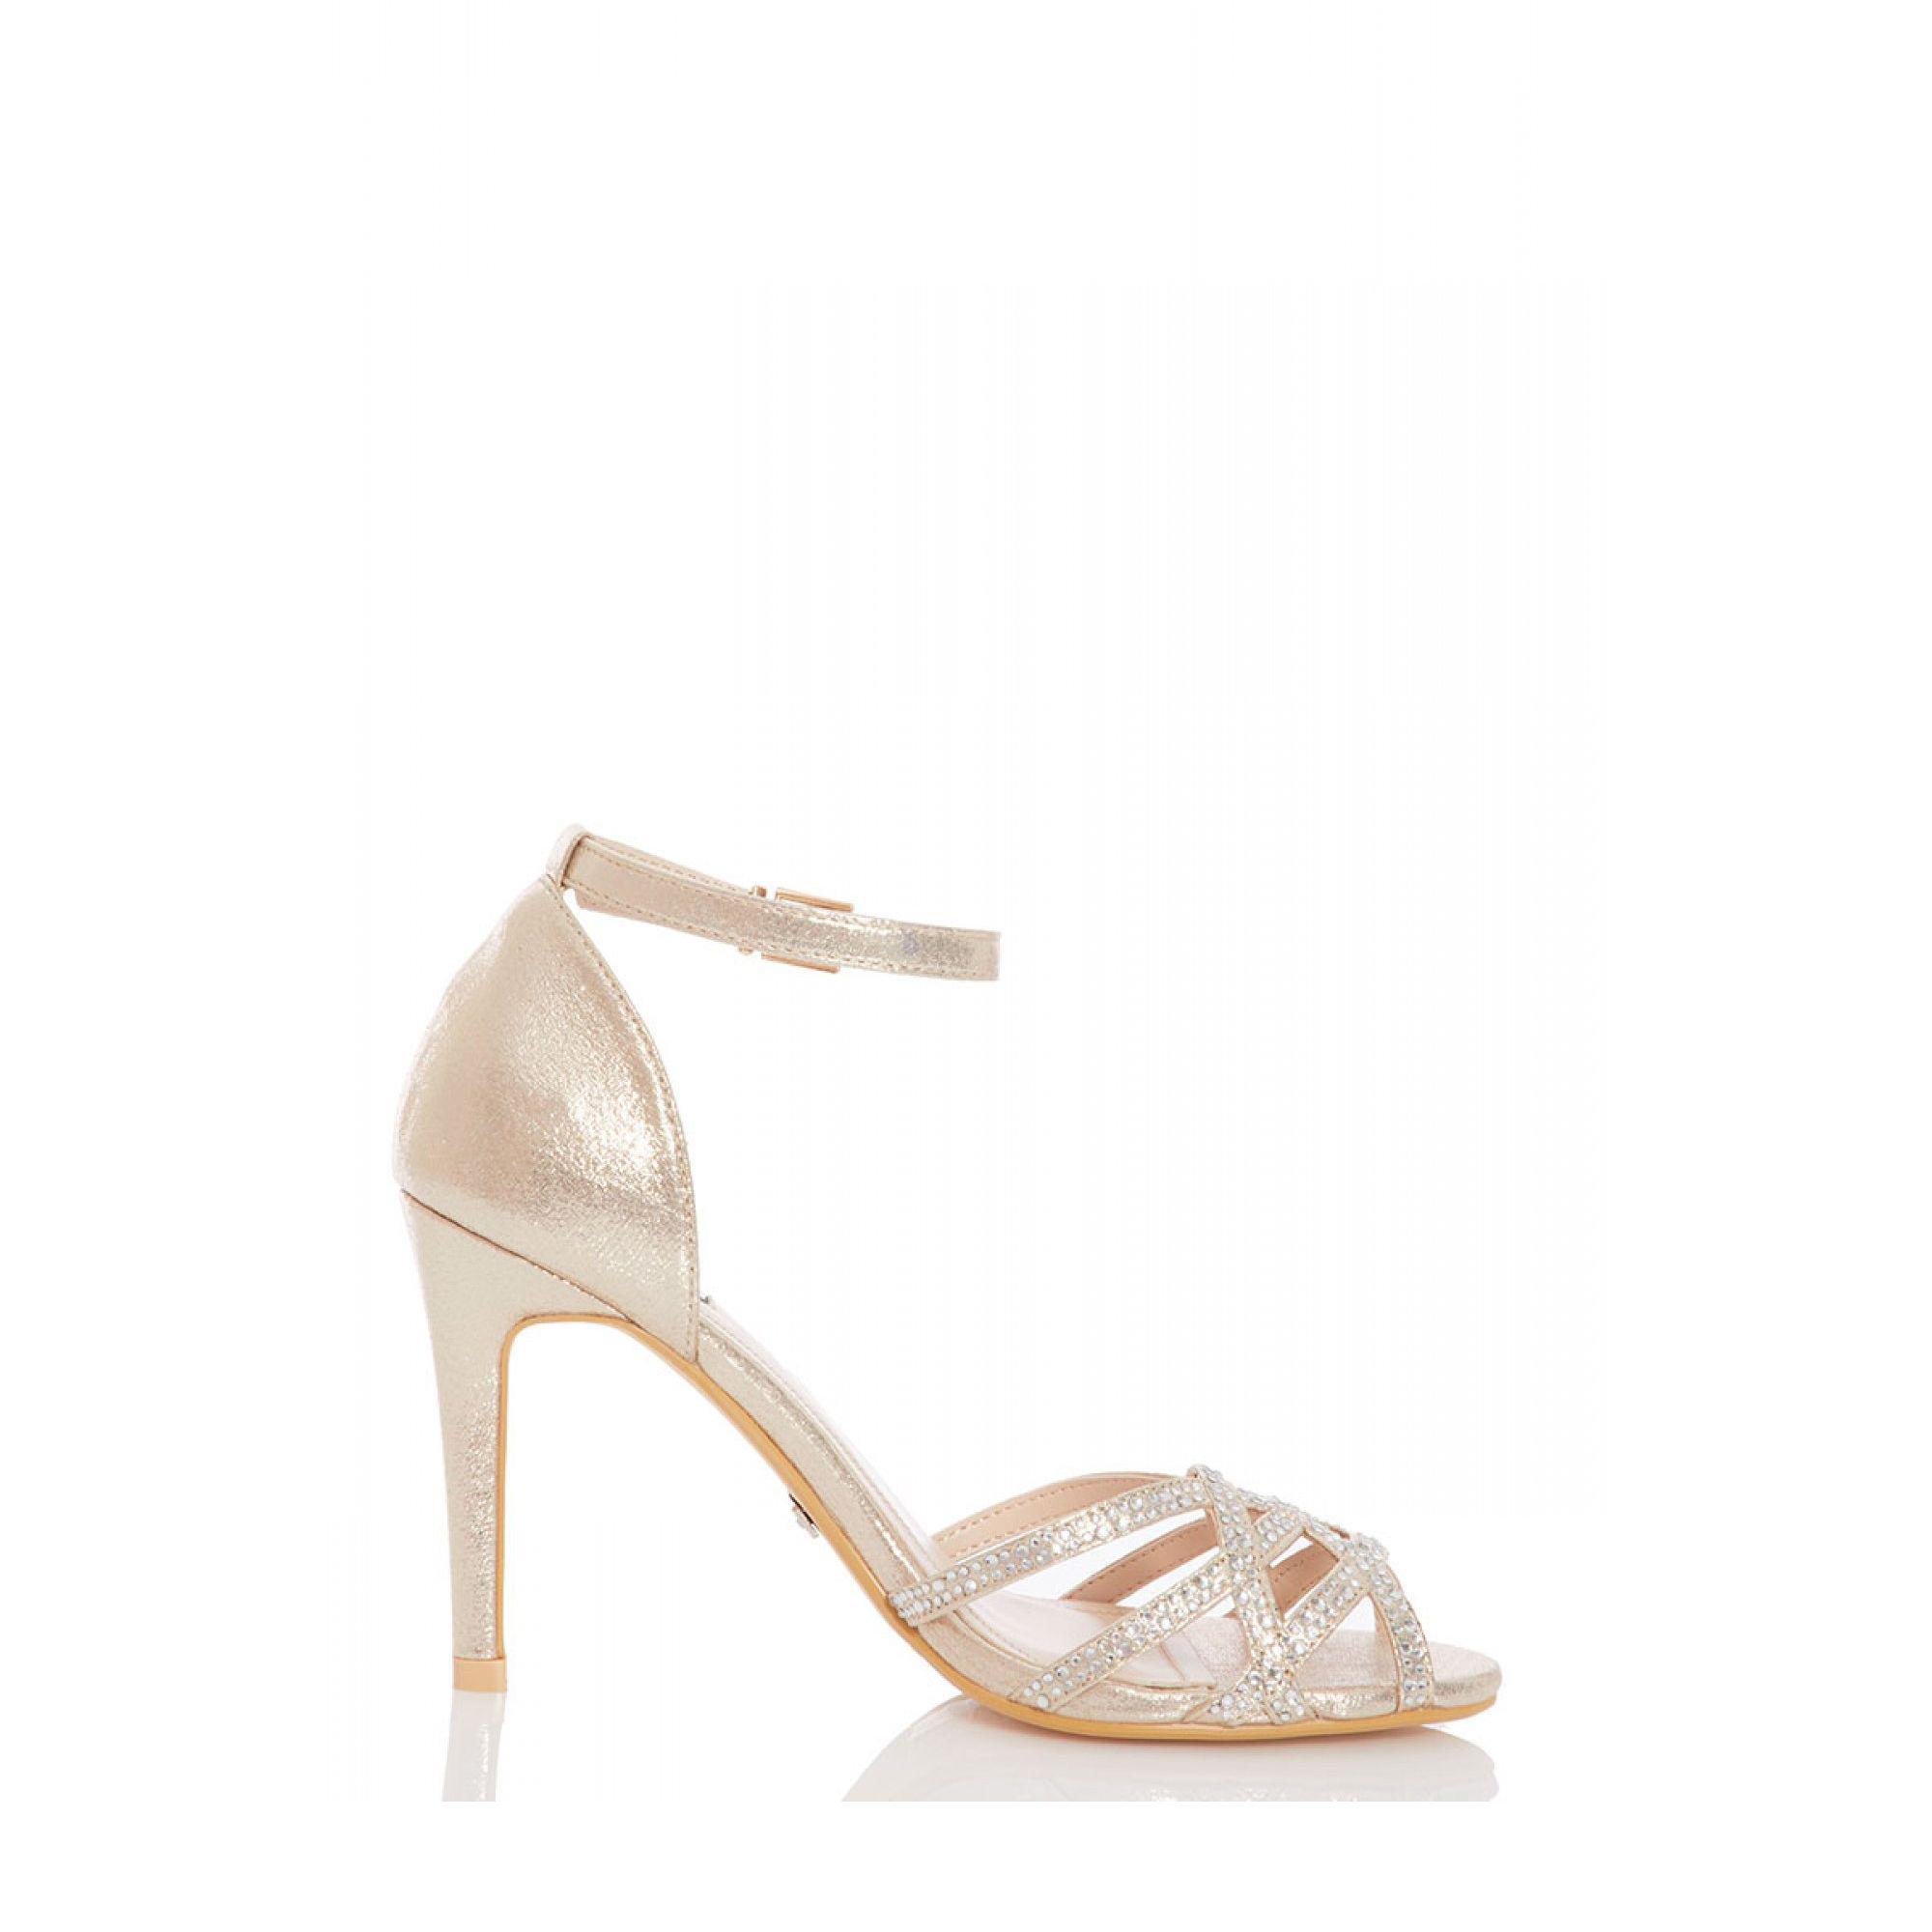 6d5fc3301de Quiz Gold Shimmer Diamante Detail Heel Sandals in Metallic - Lyst